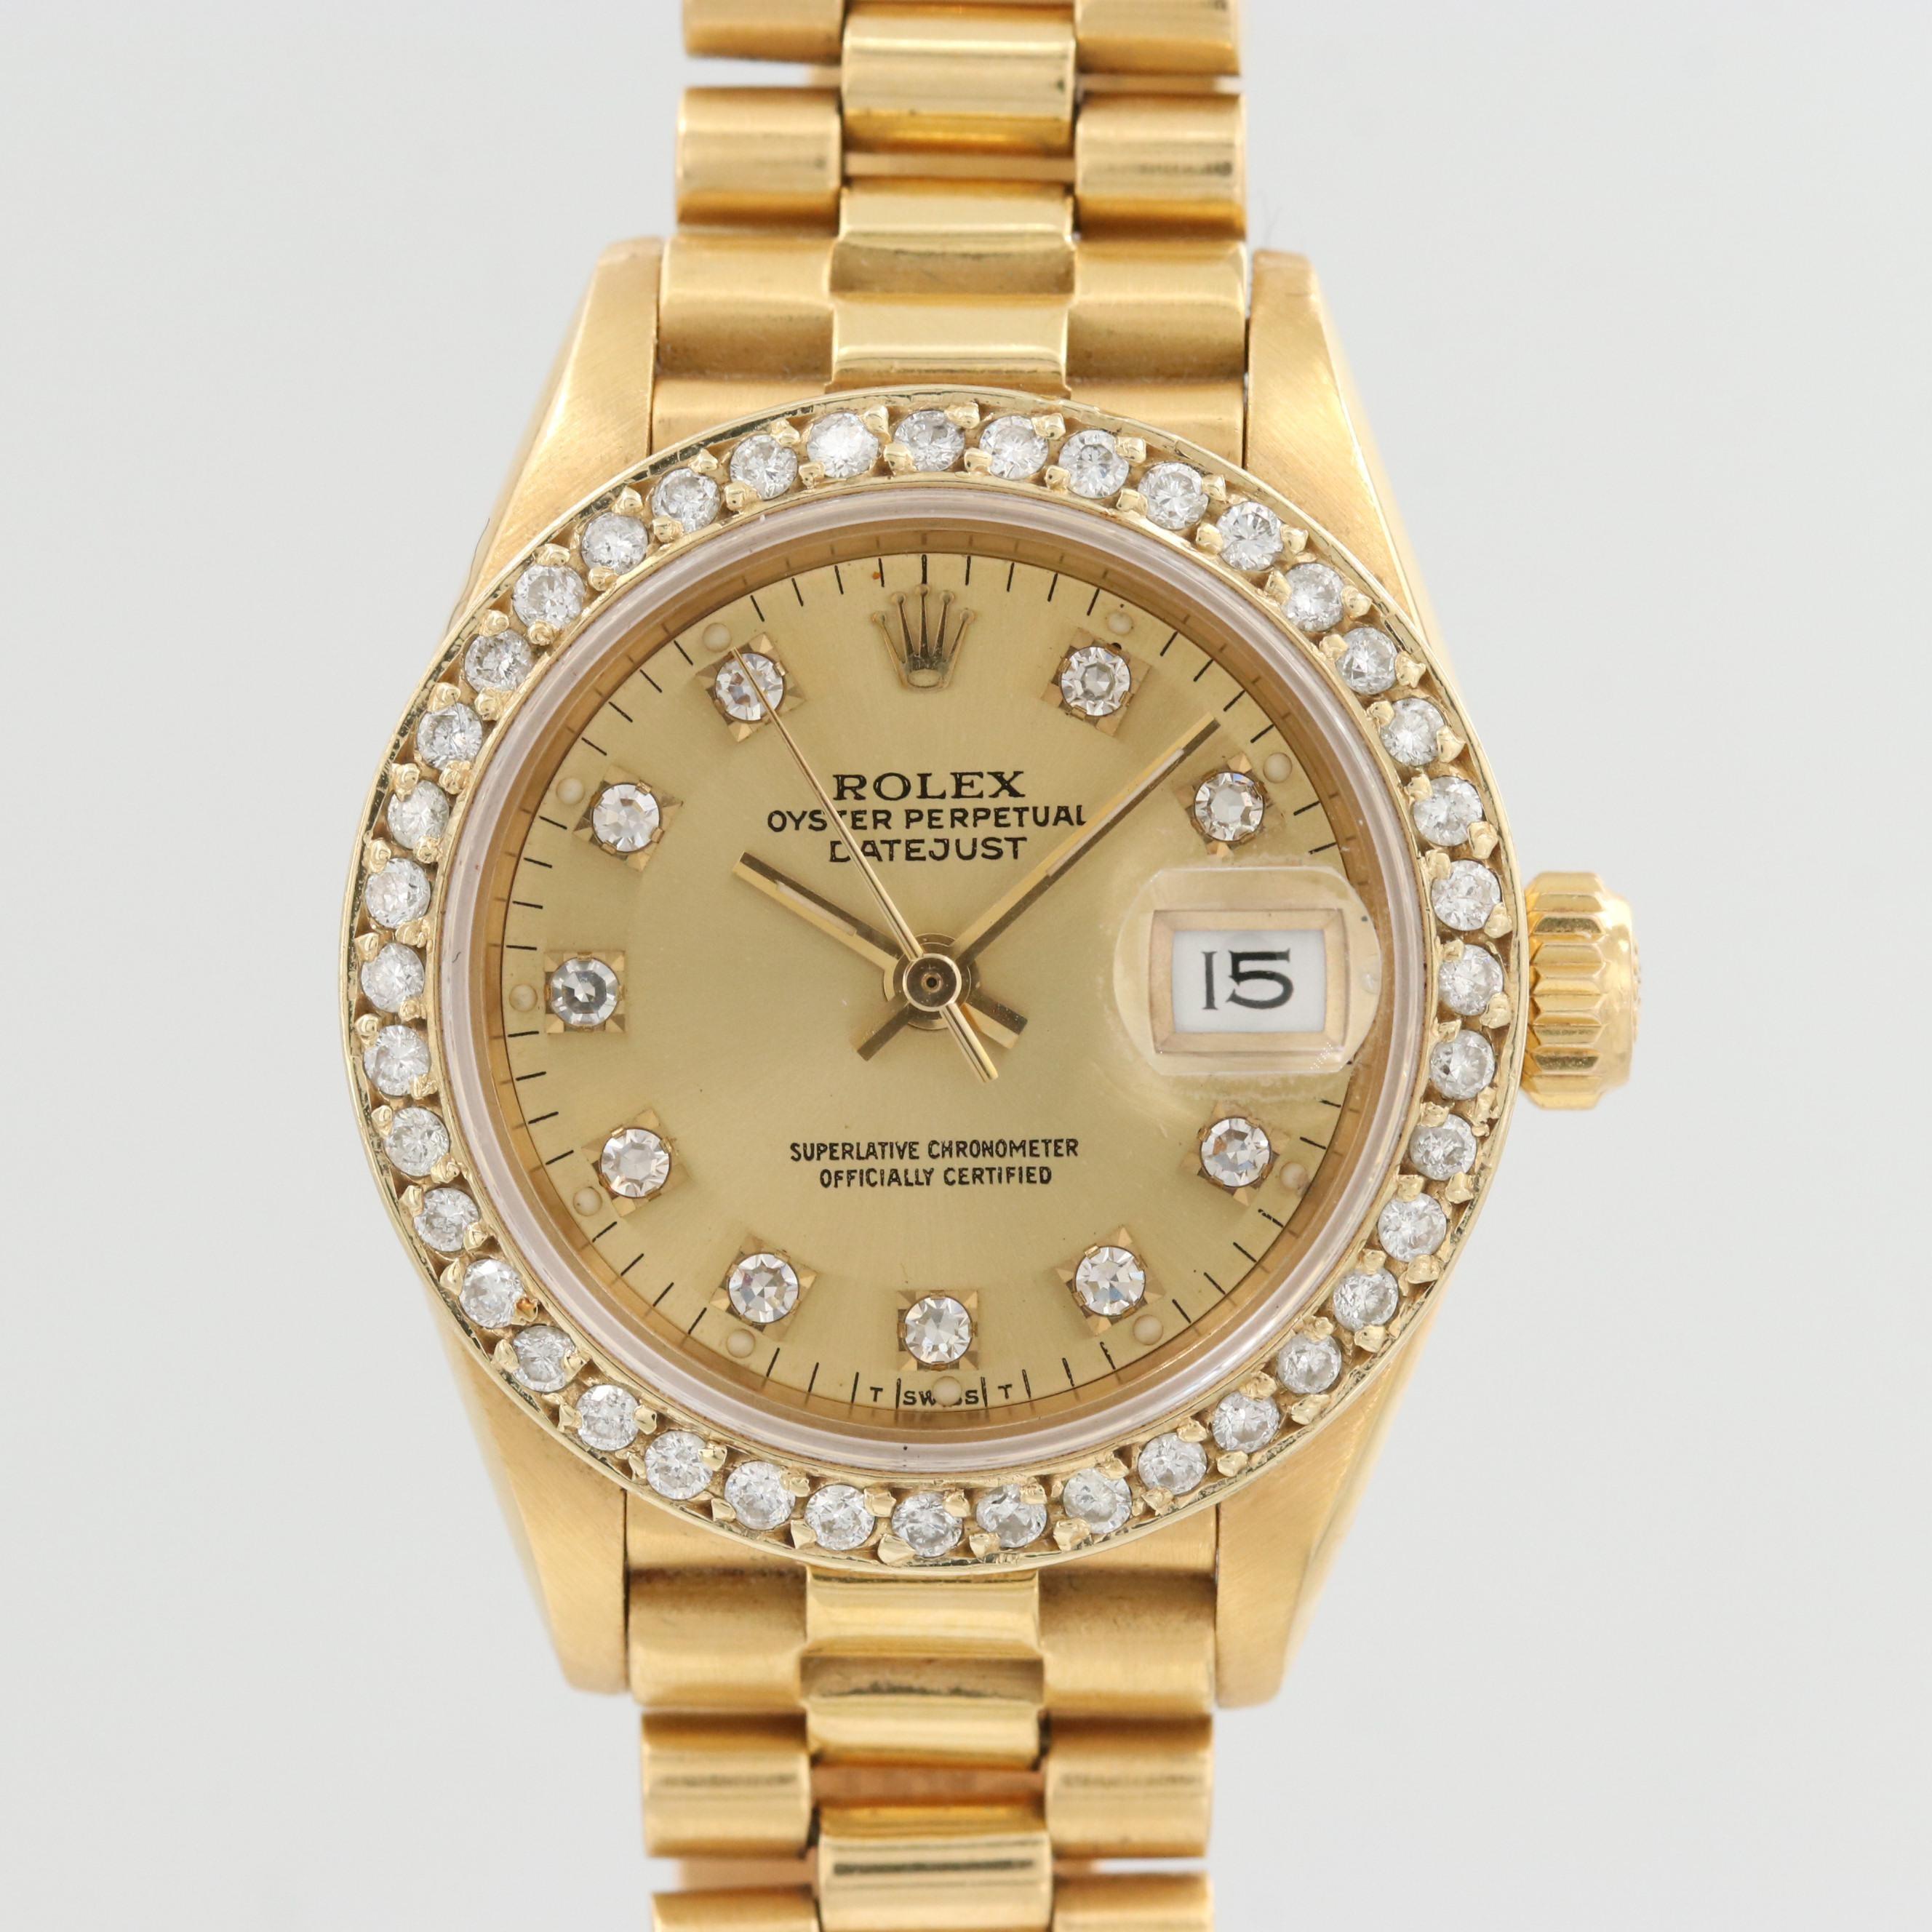 Rolex President 18K Yellow Gold Diamond Wristwatch, 1989